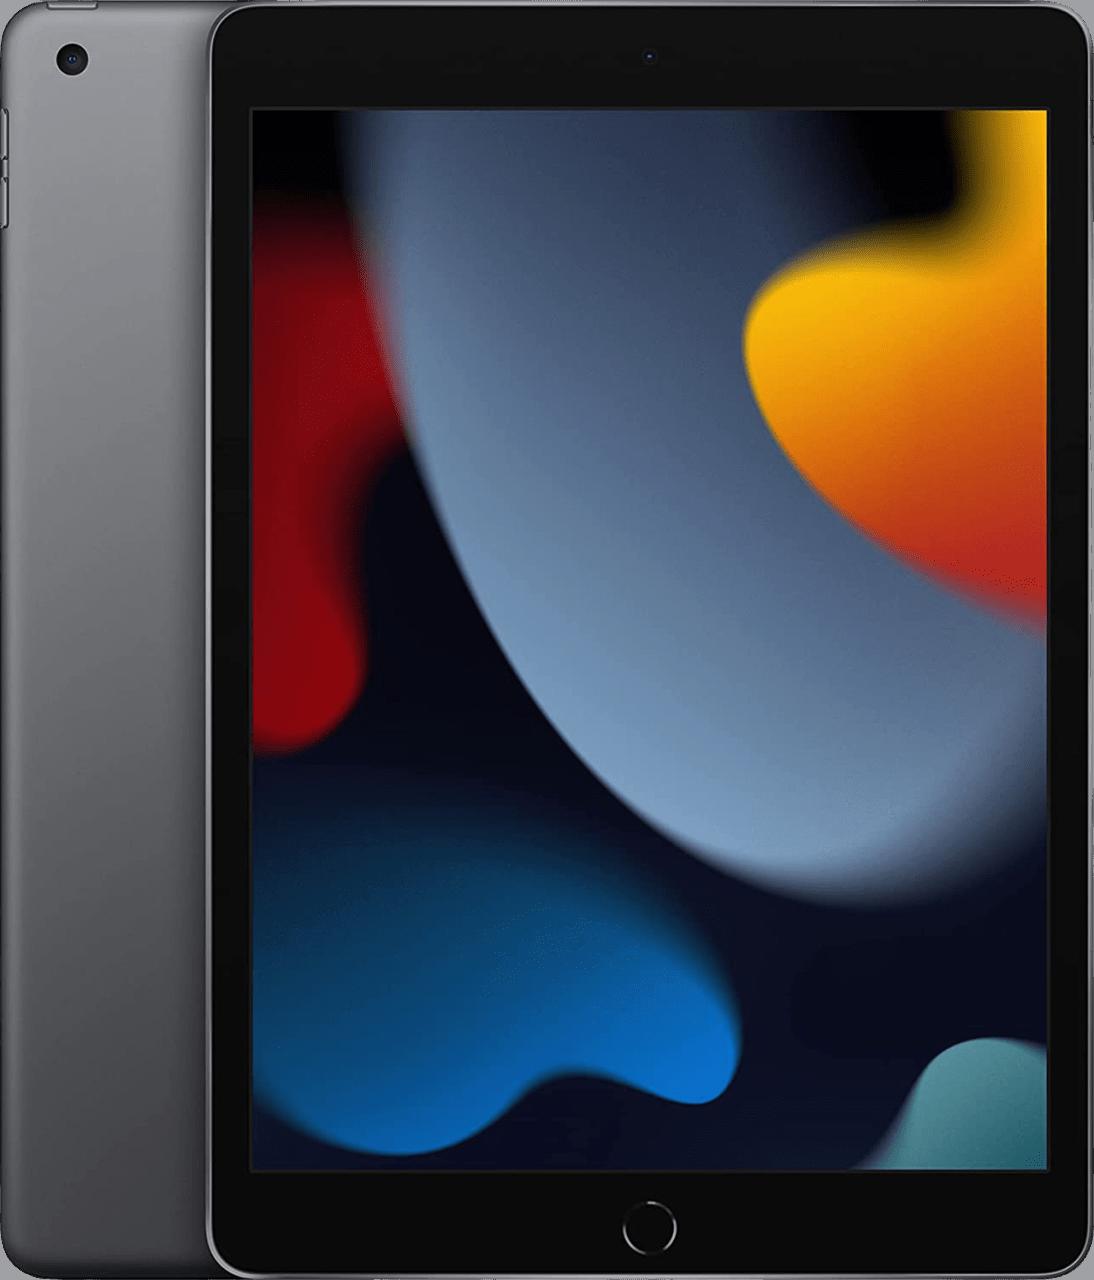 Space Grey Apple iPad (2021) - WiFi - iOS 15 - 64GB.1